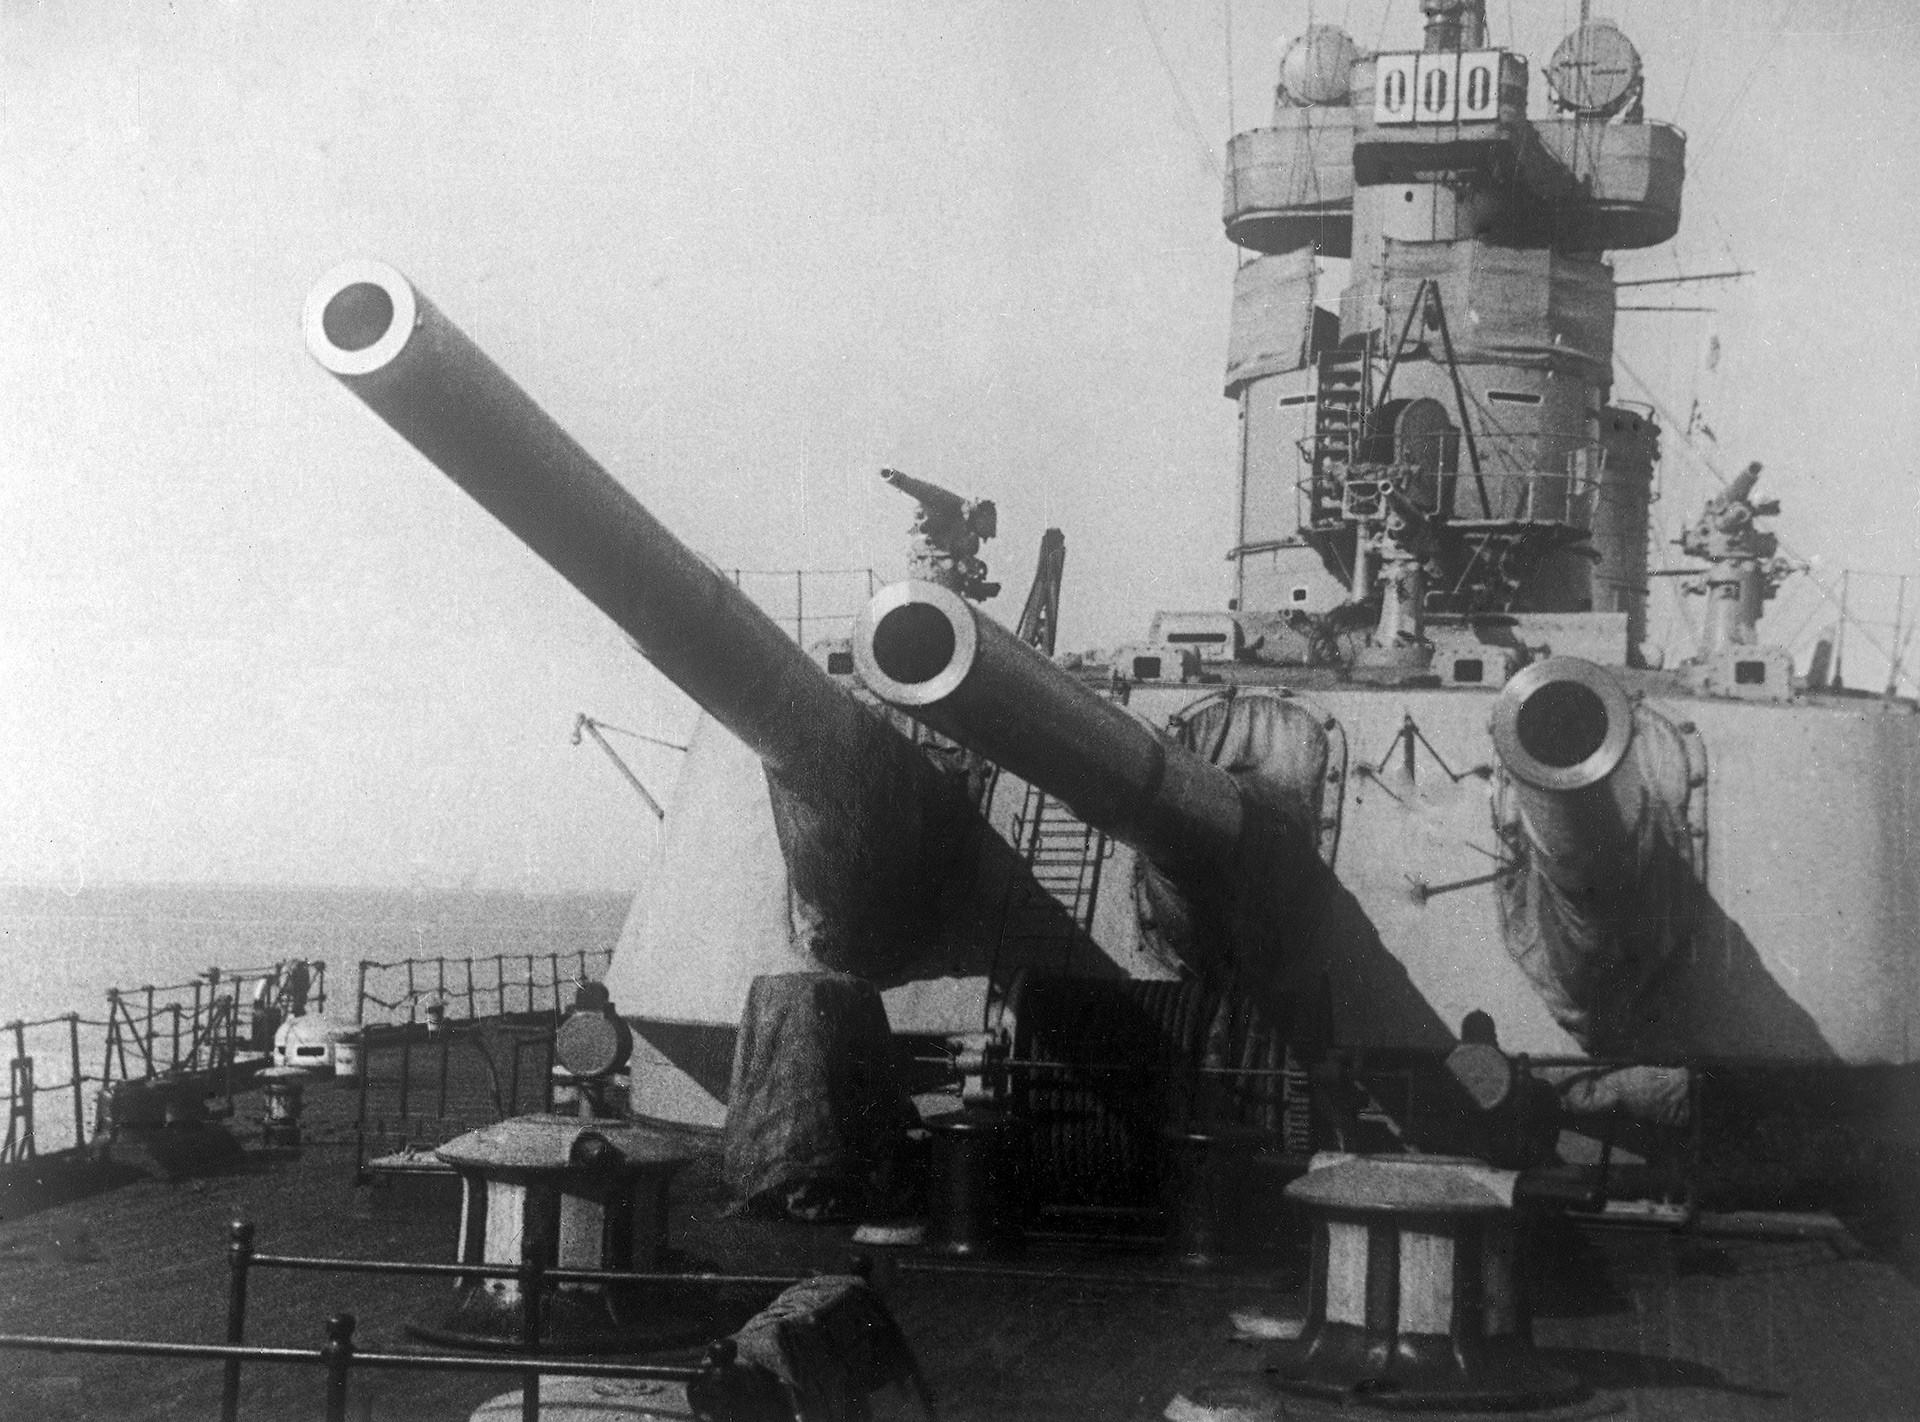 『戦艦ポチョムキン』(1925年)